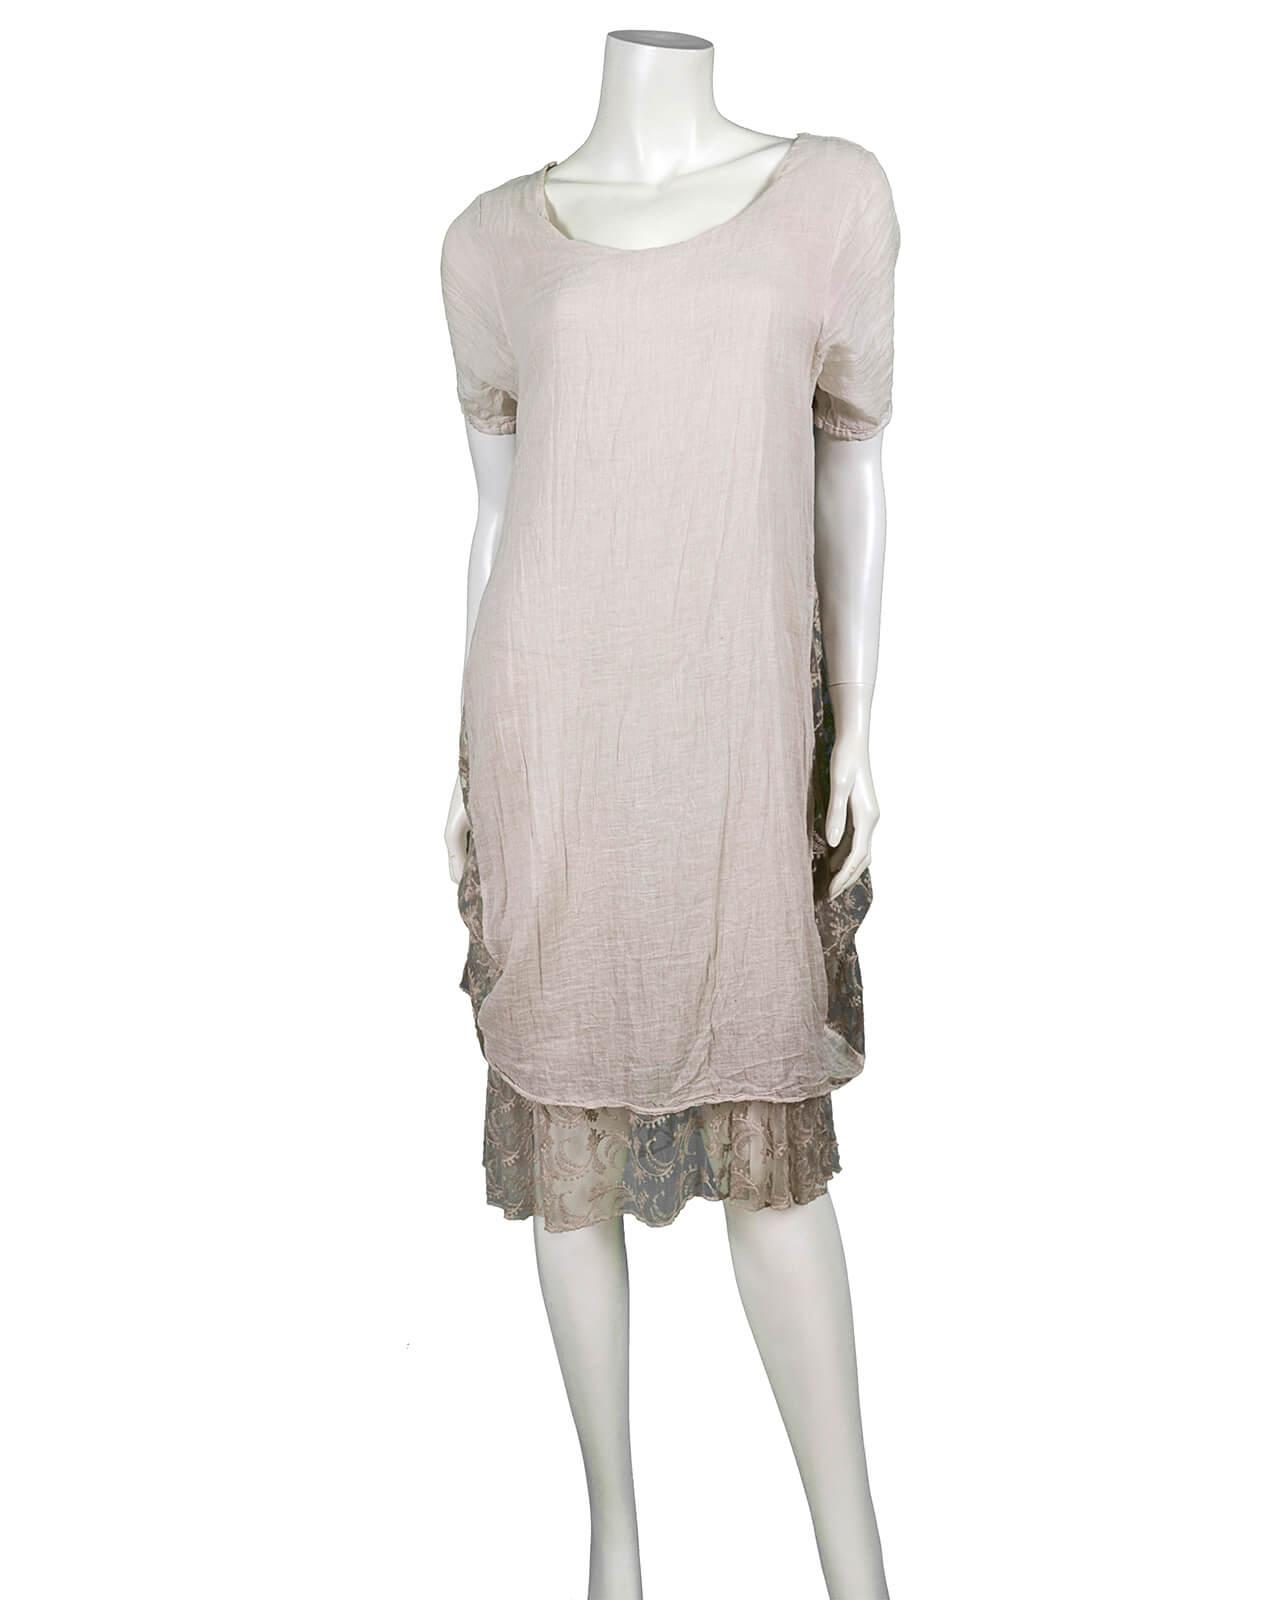 Kleid mit Spitze, beige